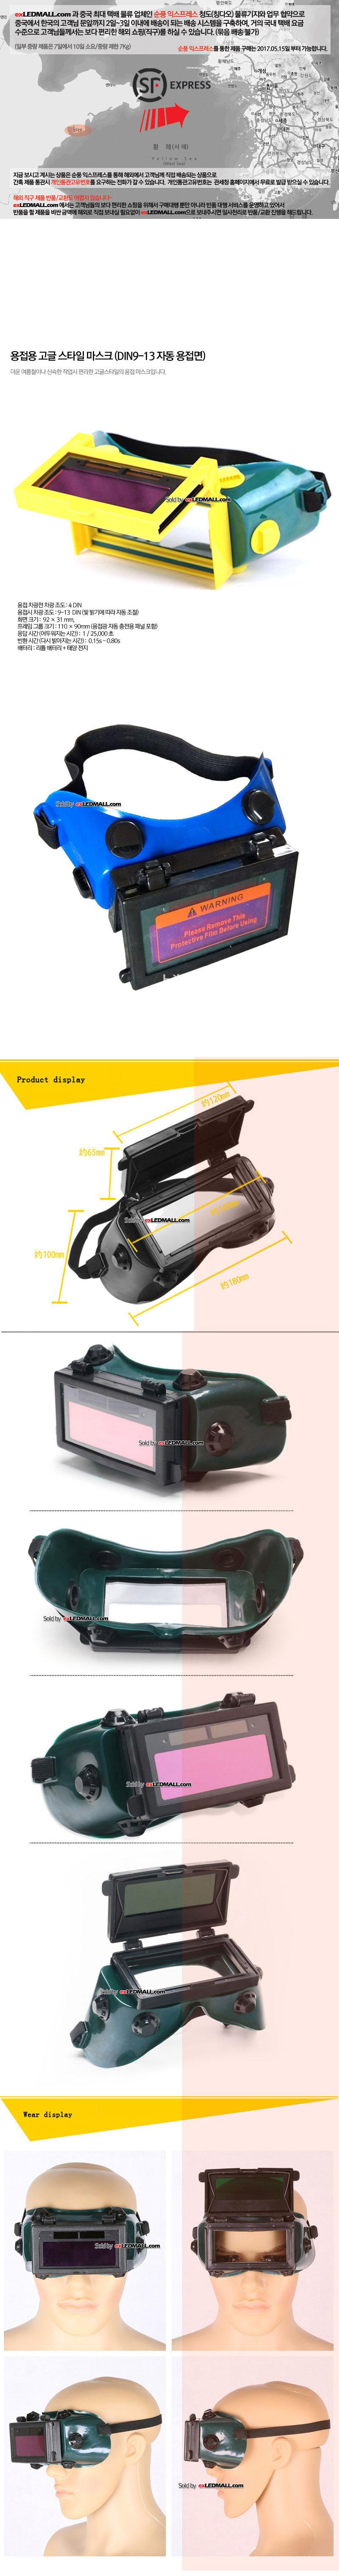 용접용 고글 스타일 마스크 (DIN9-13 자동 차광 용접면) 블루색상